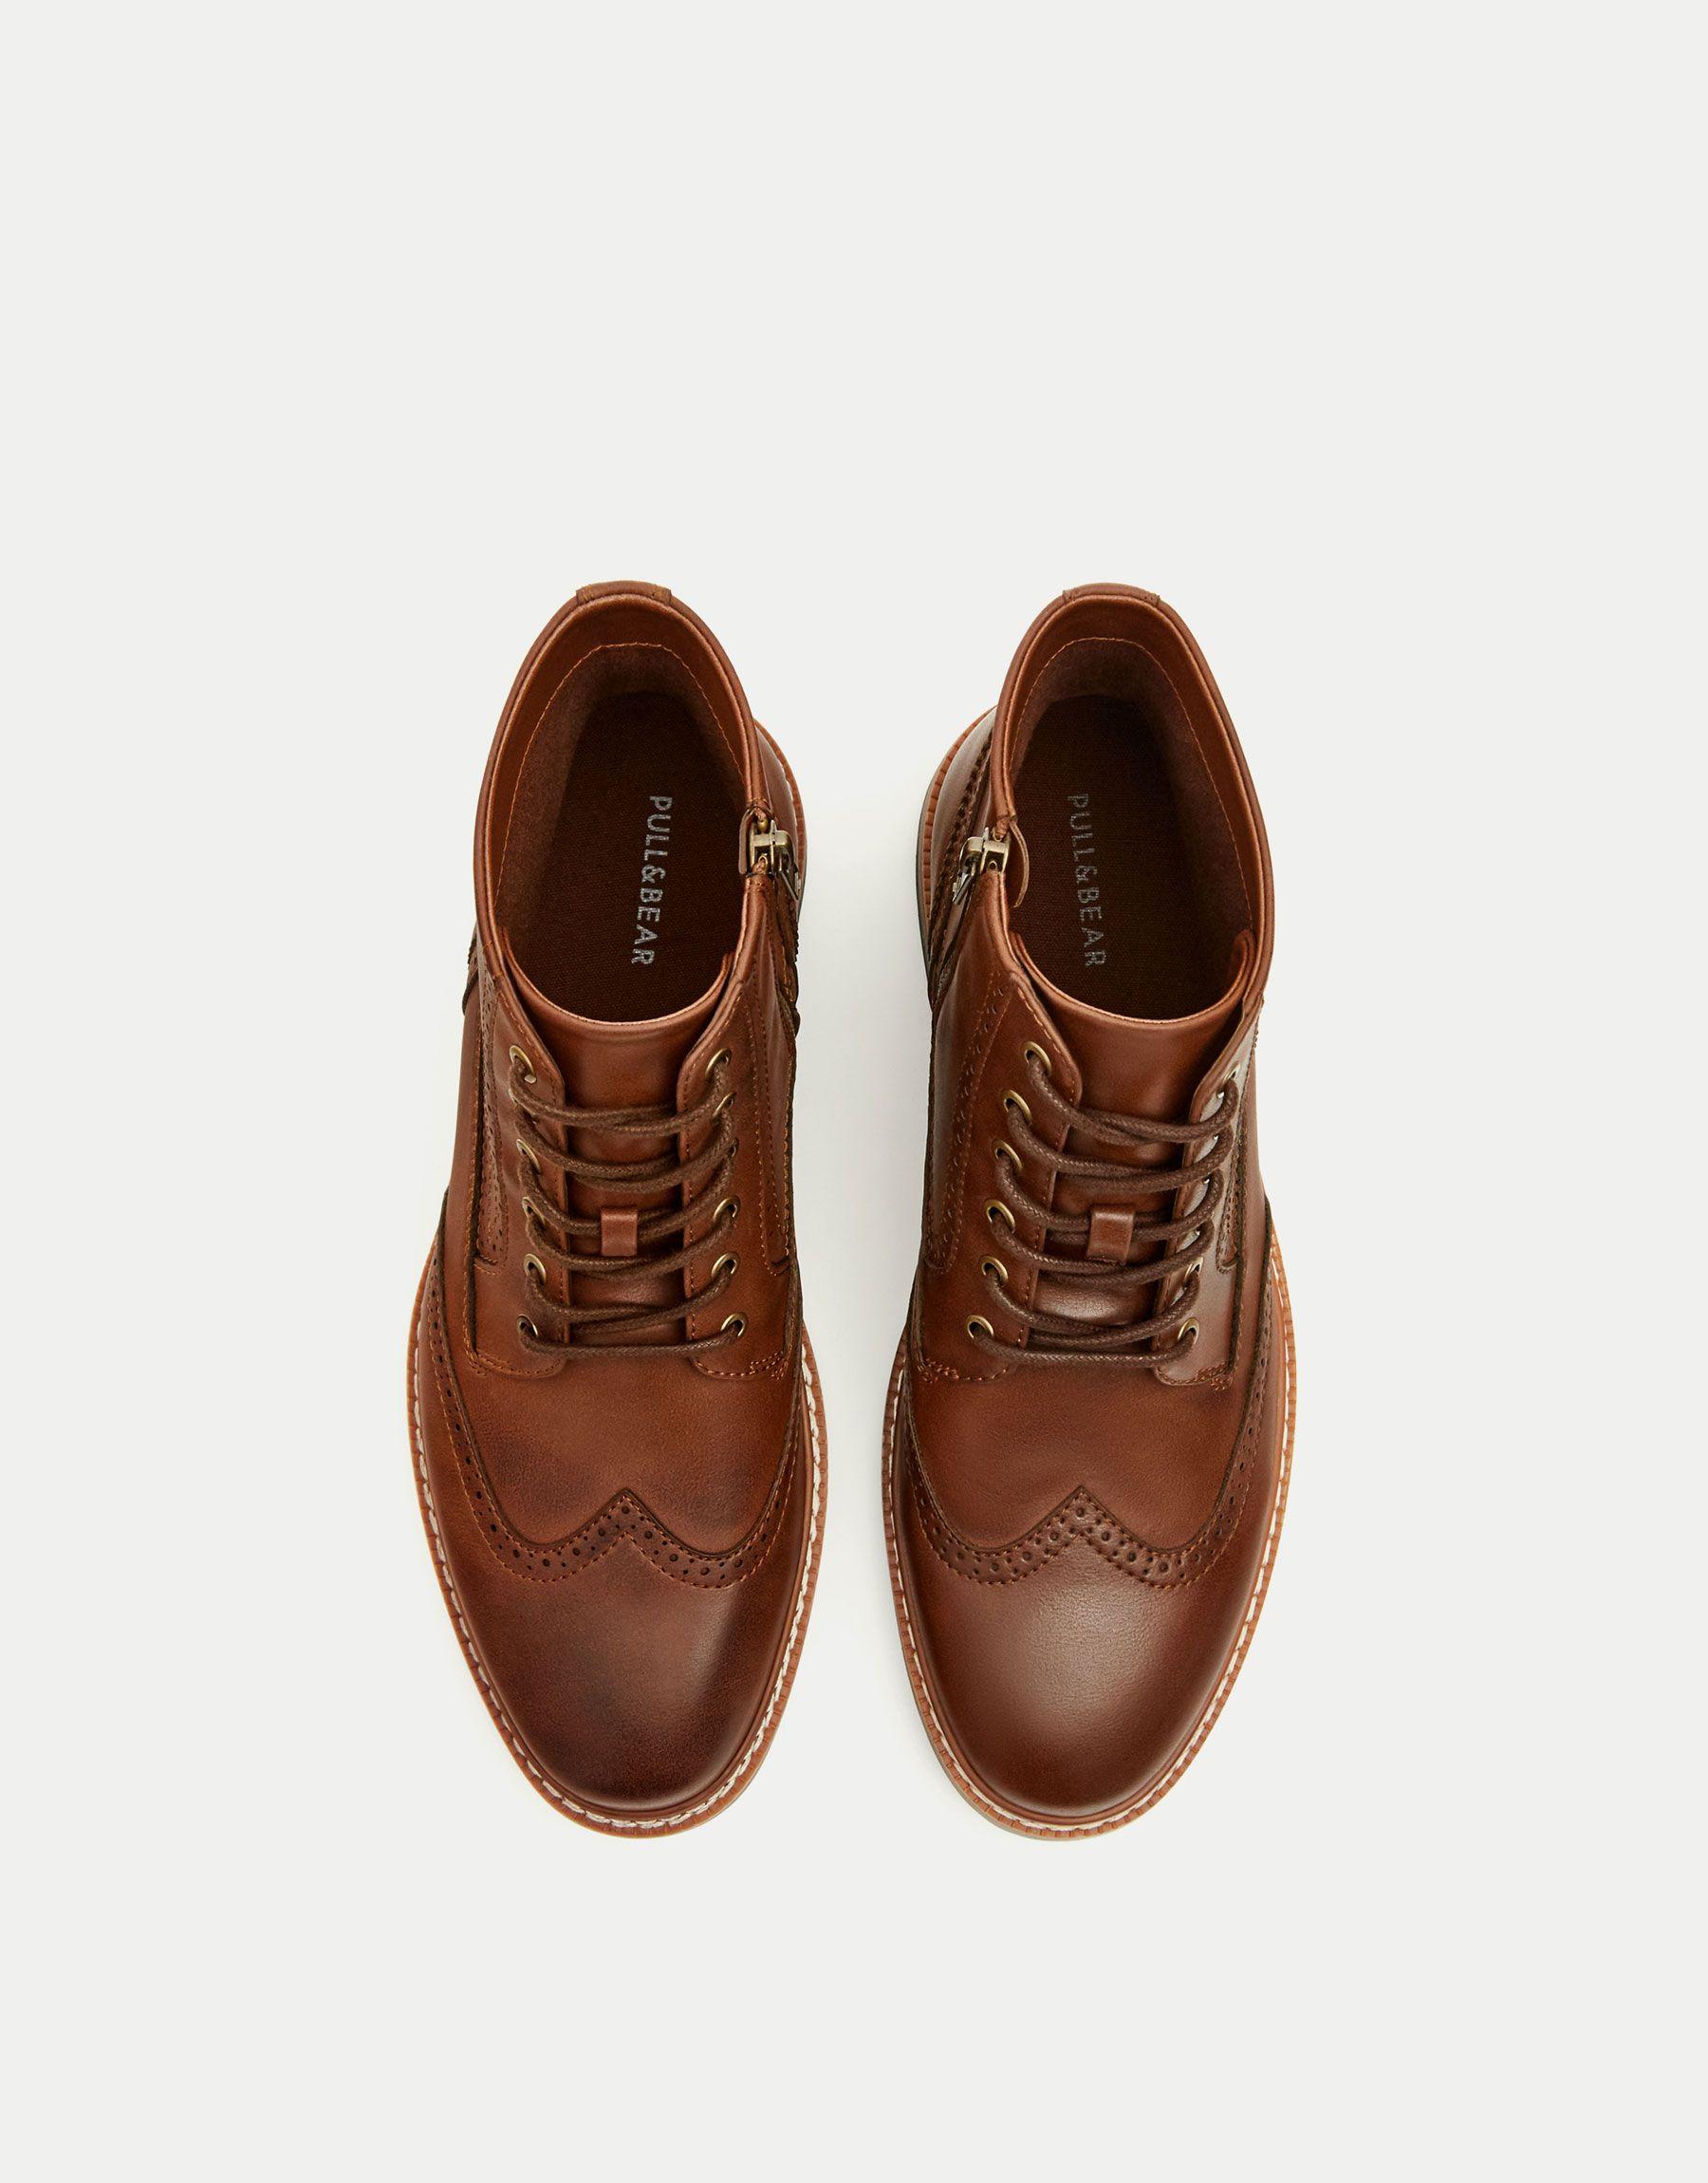 576391fad Bota picados marrón - Botas y botines - Zapatos - Hombre - PULL&BEAR Ecuador